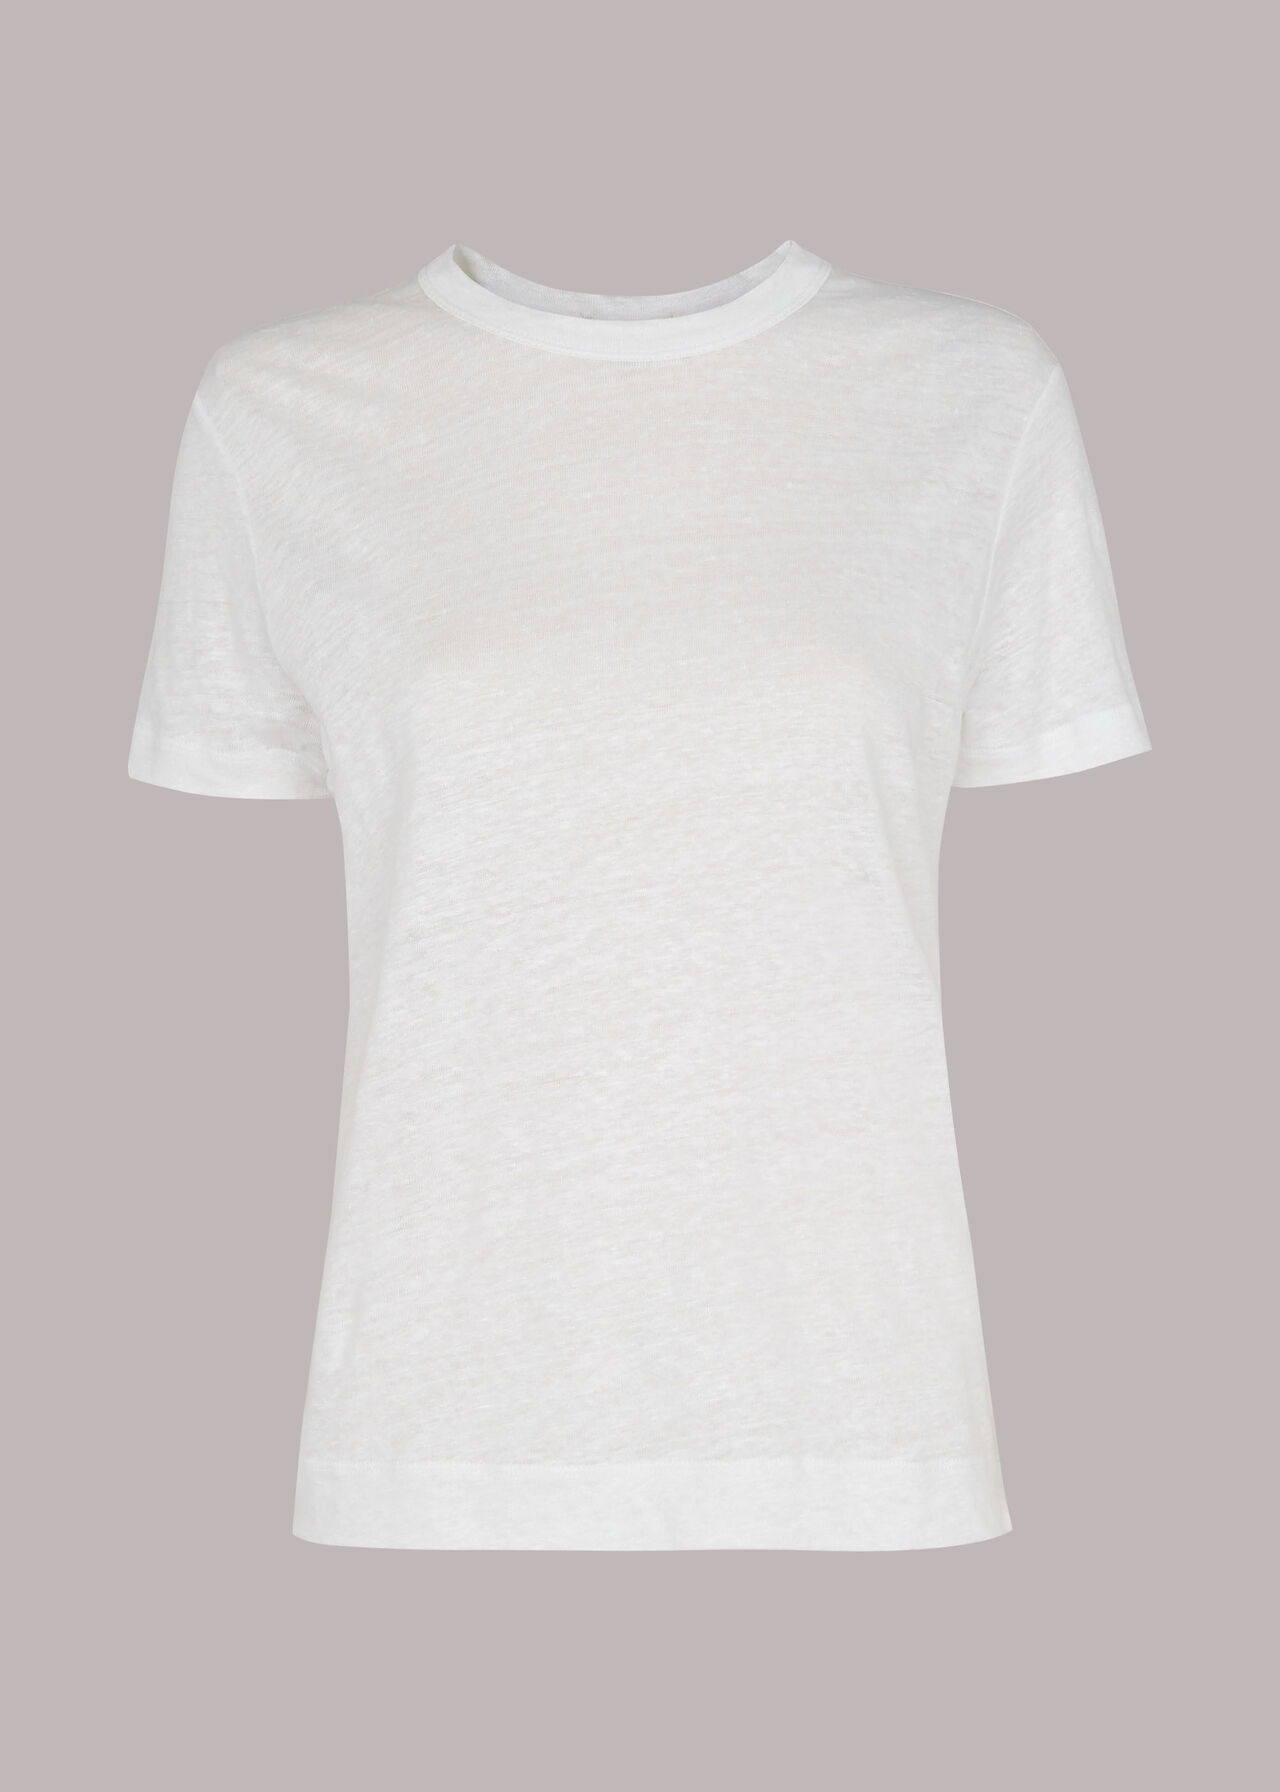 Ultimate Linen T-Shirt White